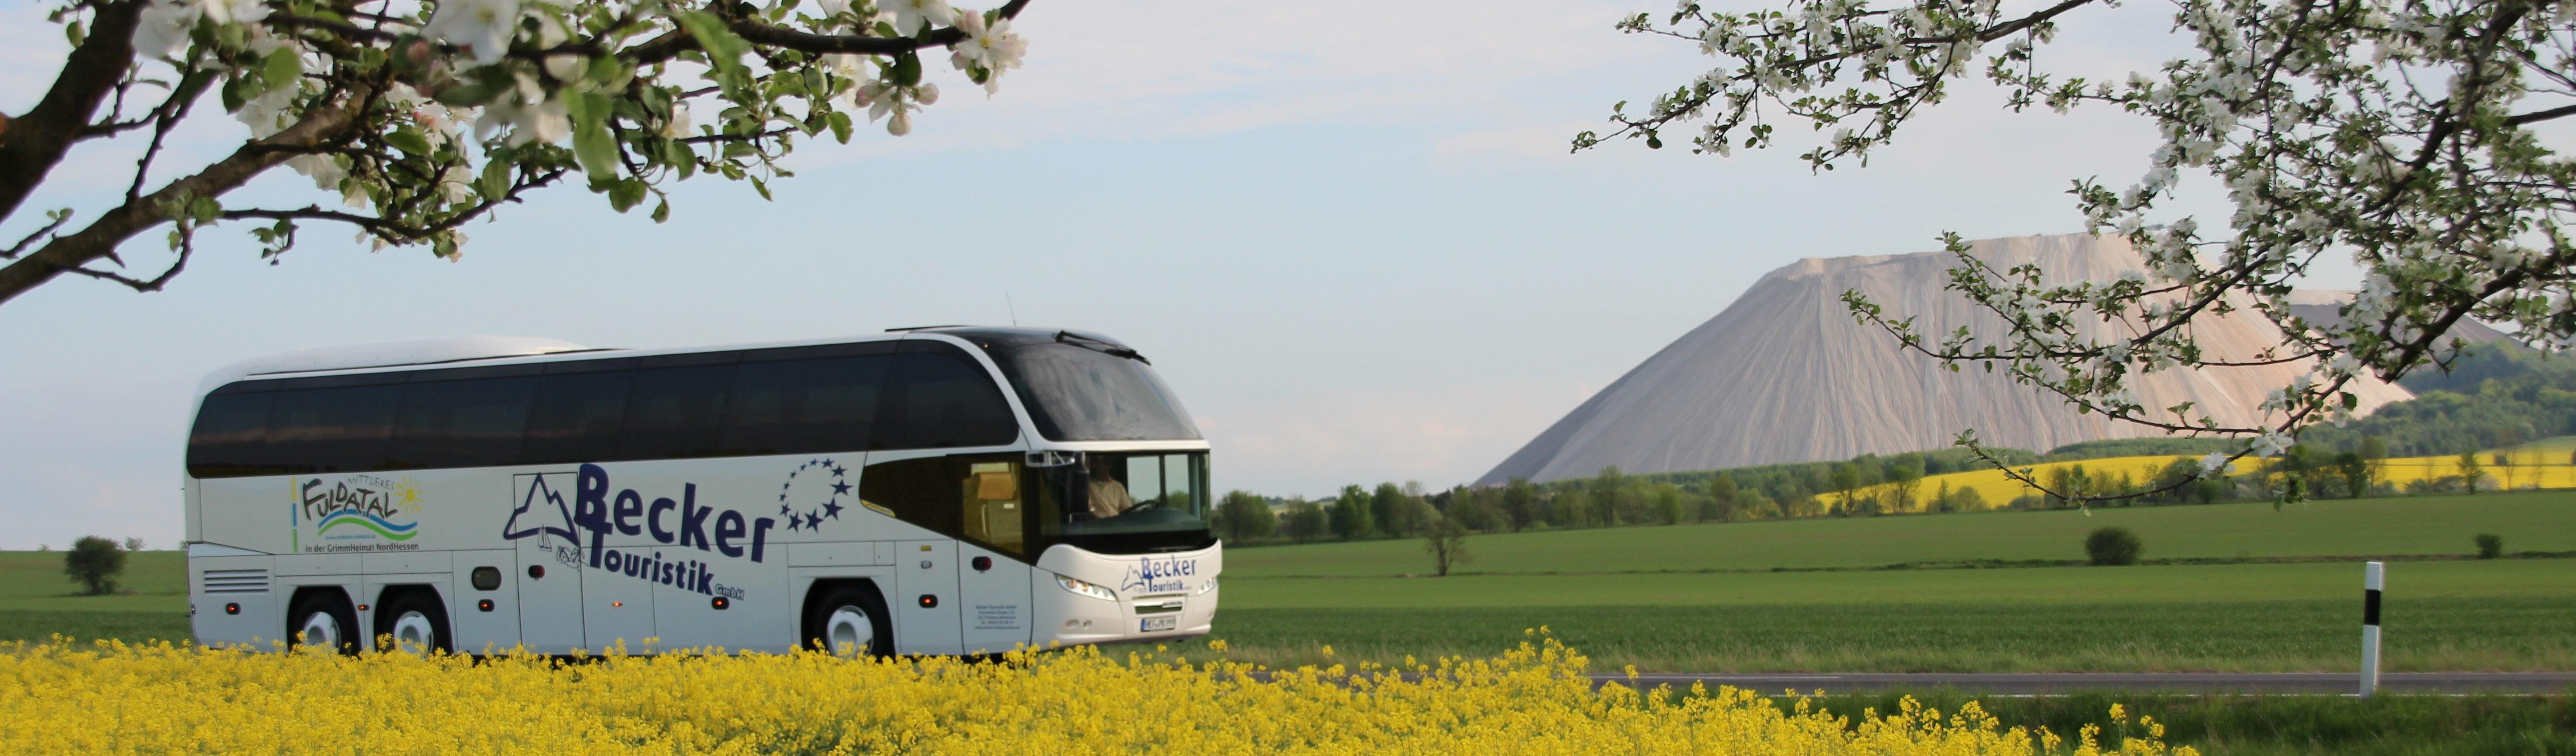 Becker Touristik GmbH